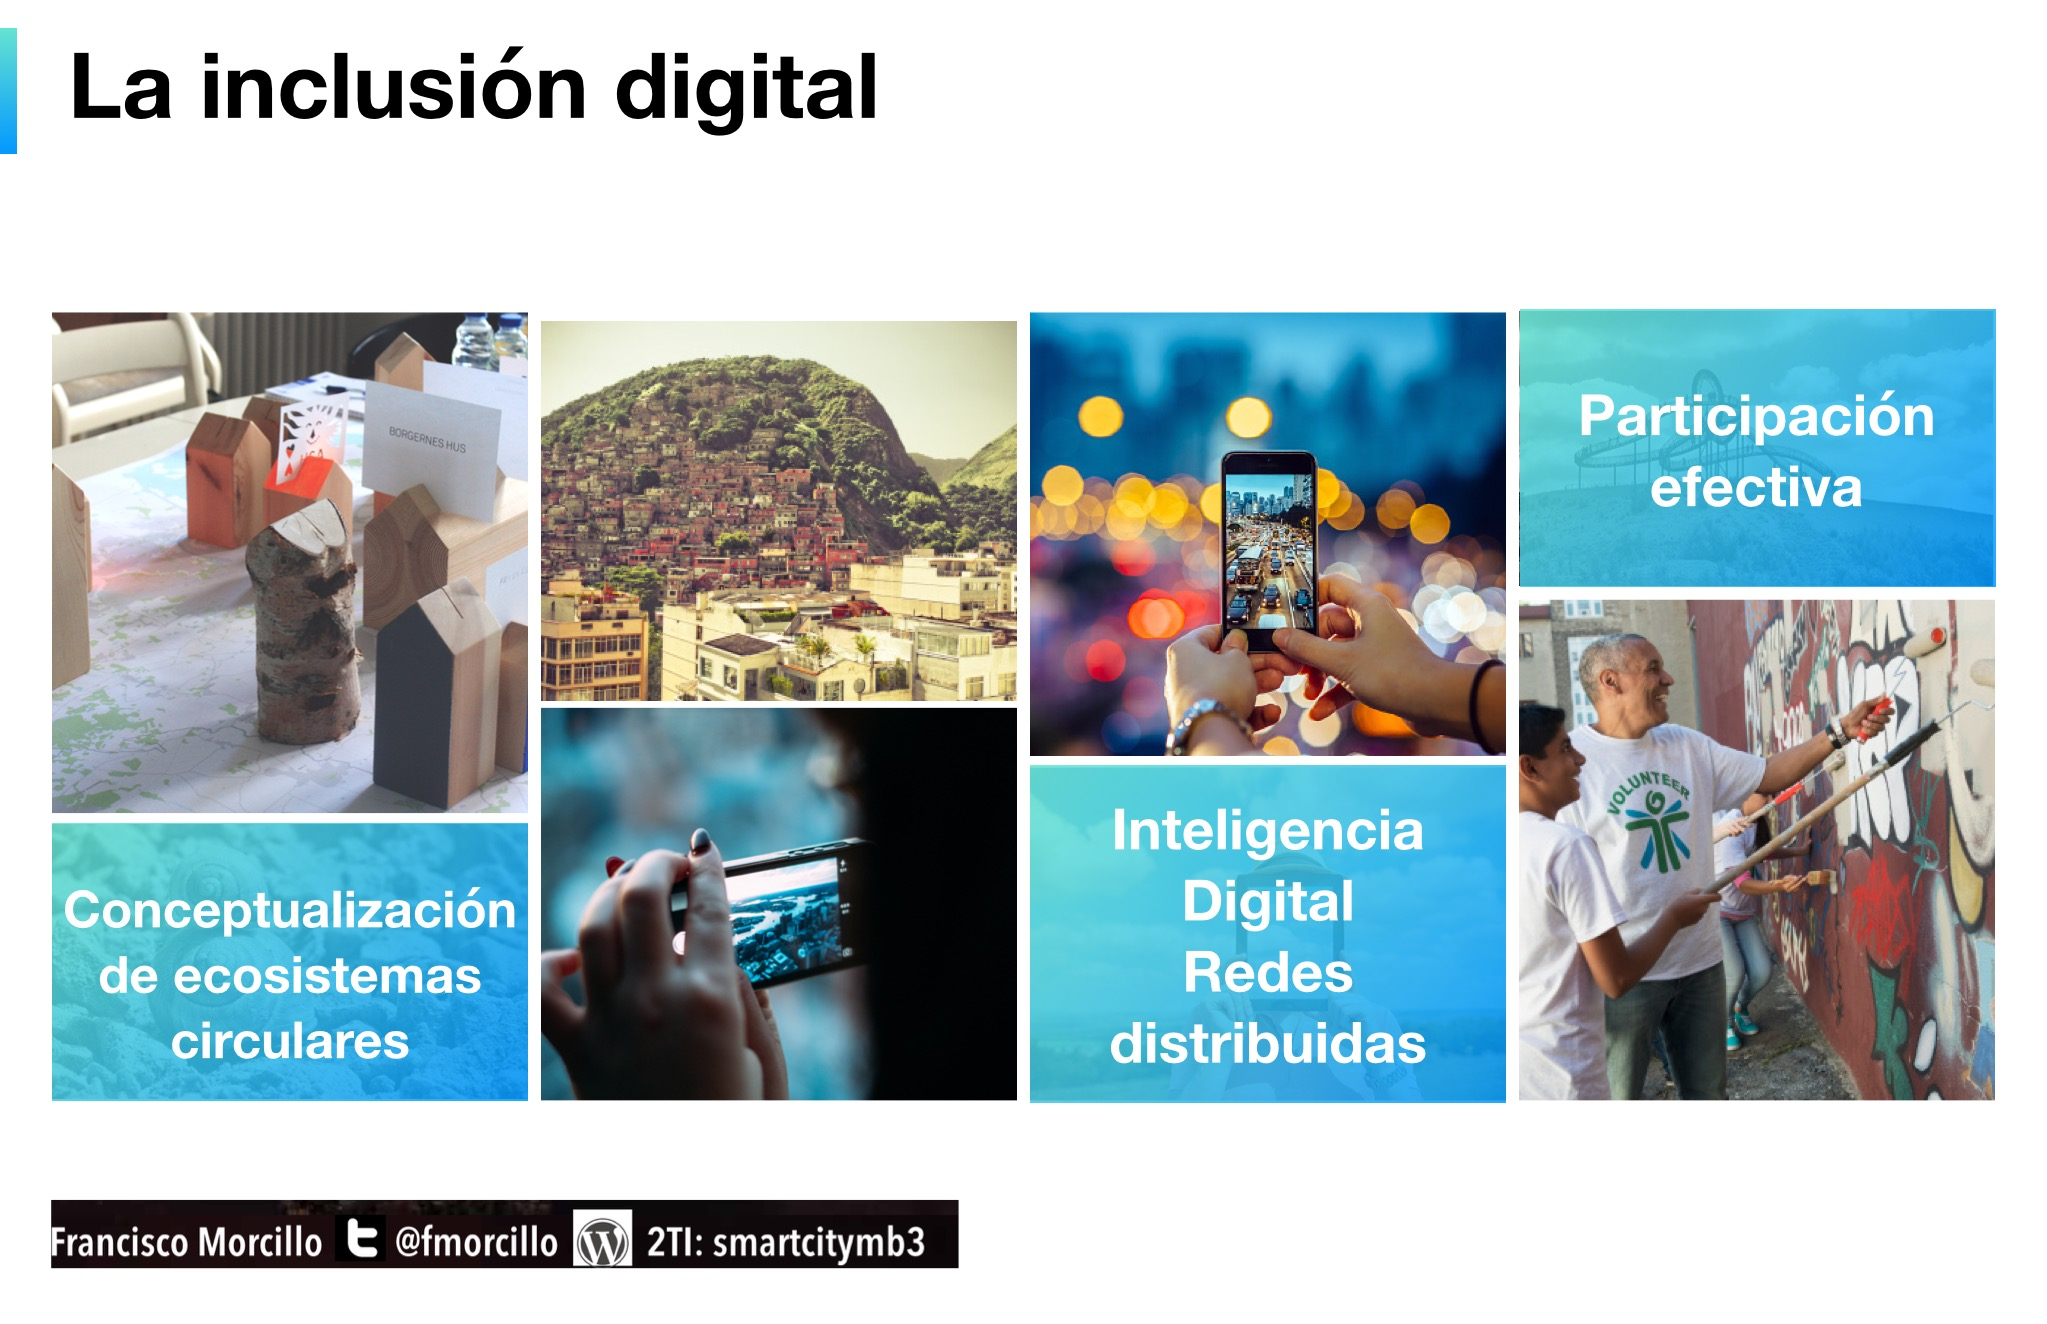 La inclusión digital